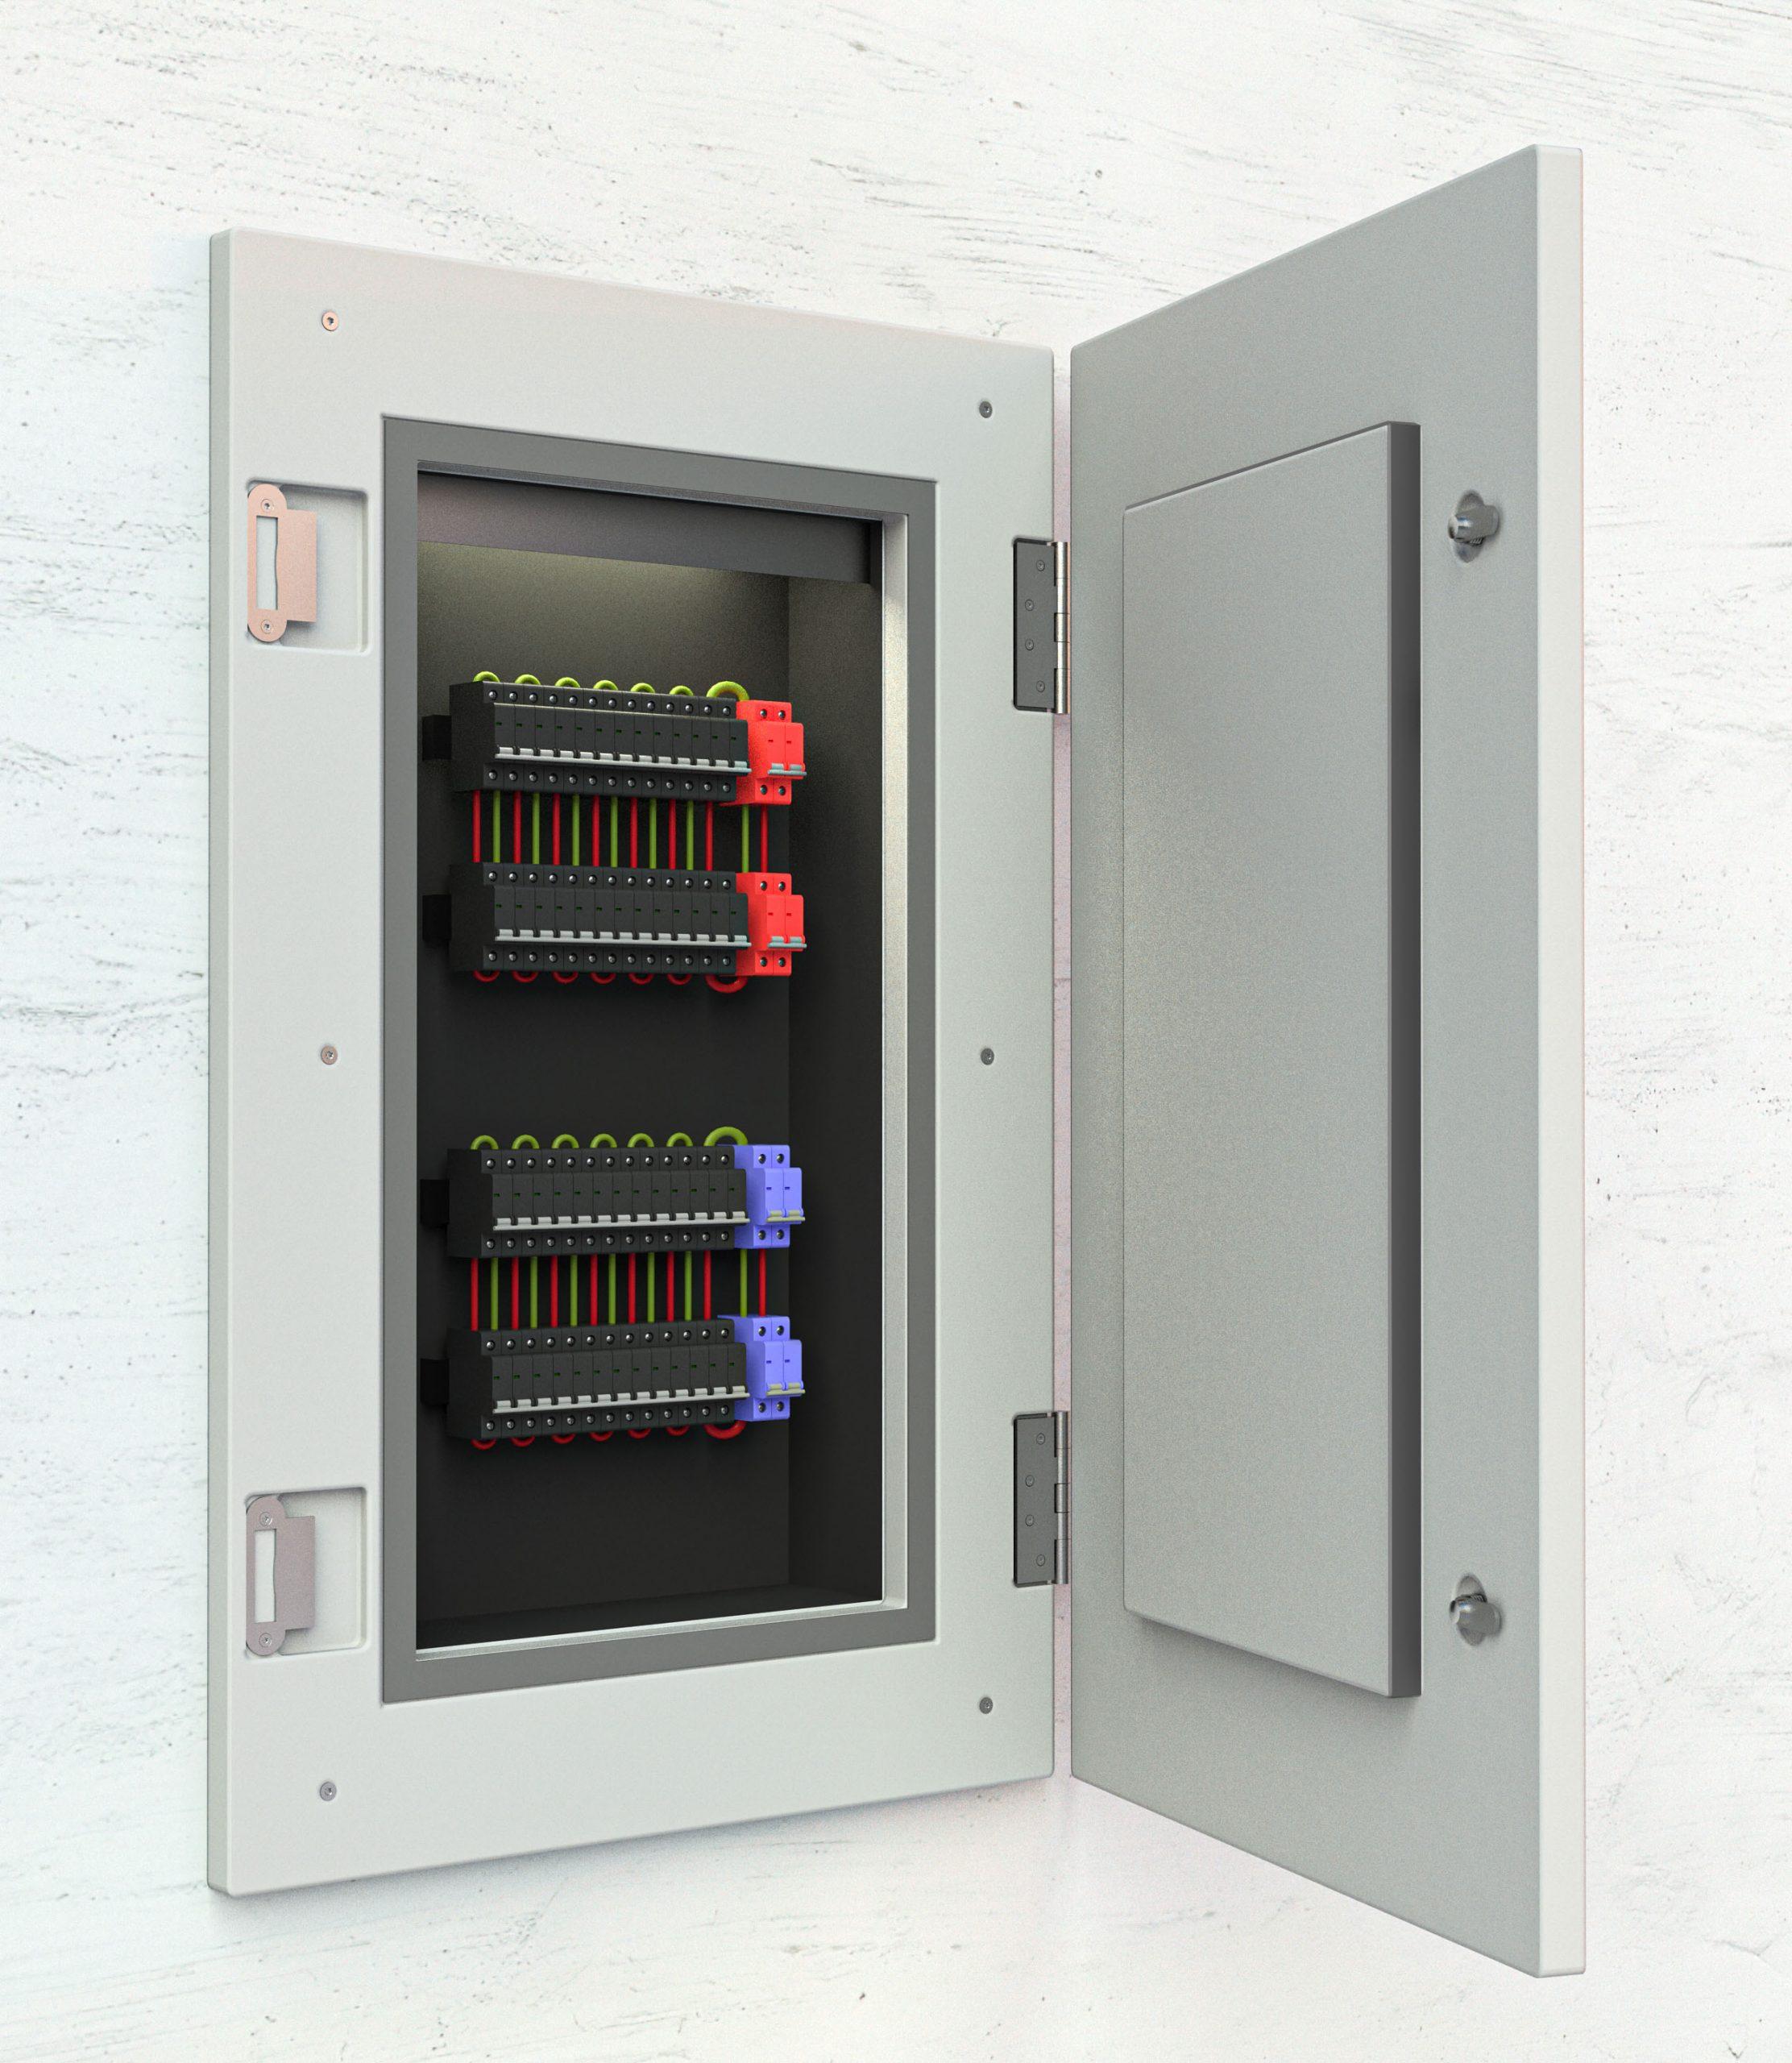 Geöffnete Brandschutz Revisionstür mit Sicherungskasten innen drin